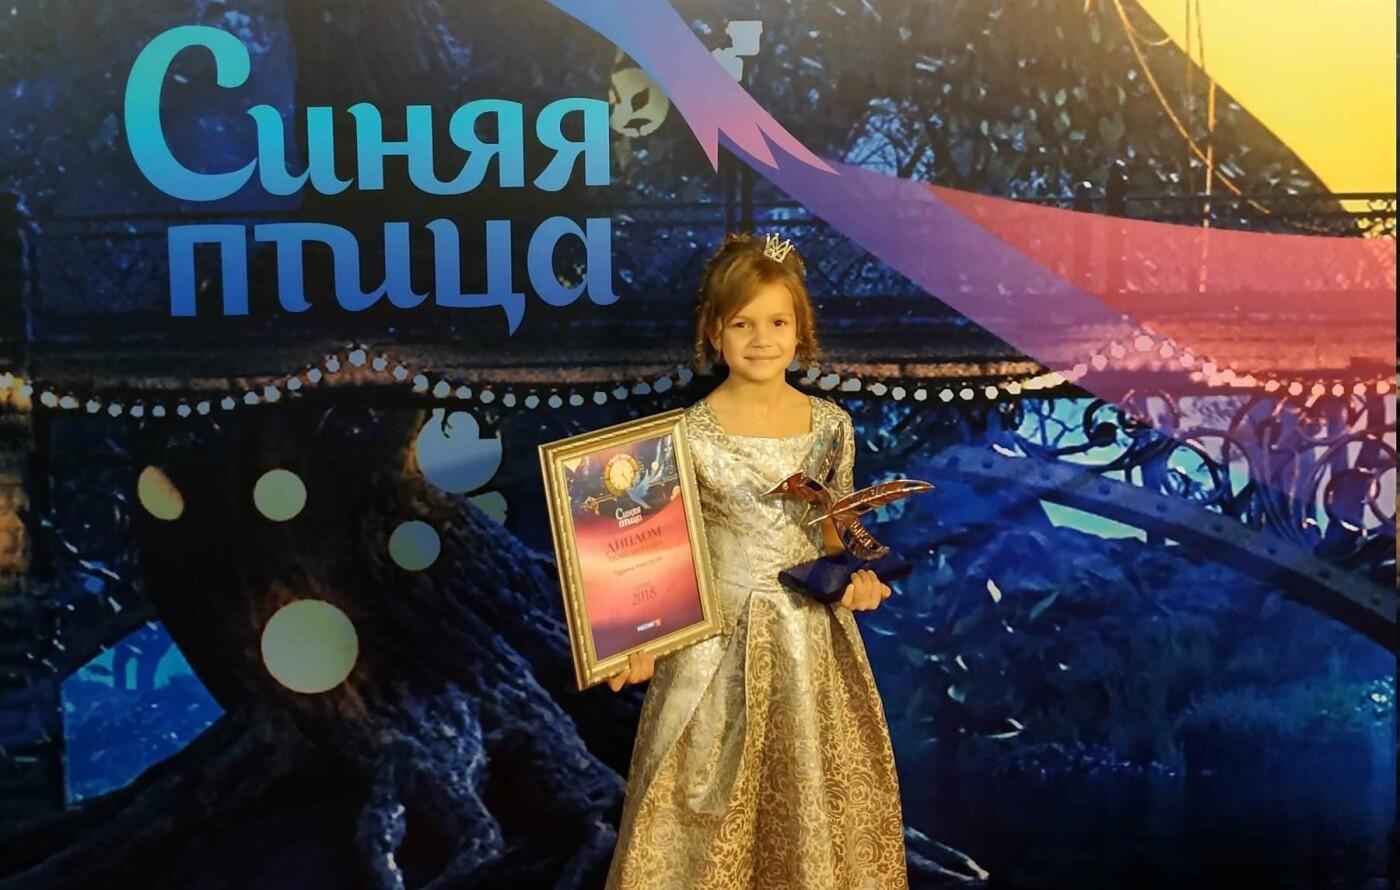 Балалаечница из Тамбова Анастасия Тюрина выиграла конкурс «Синяя птица», фото-1